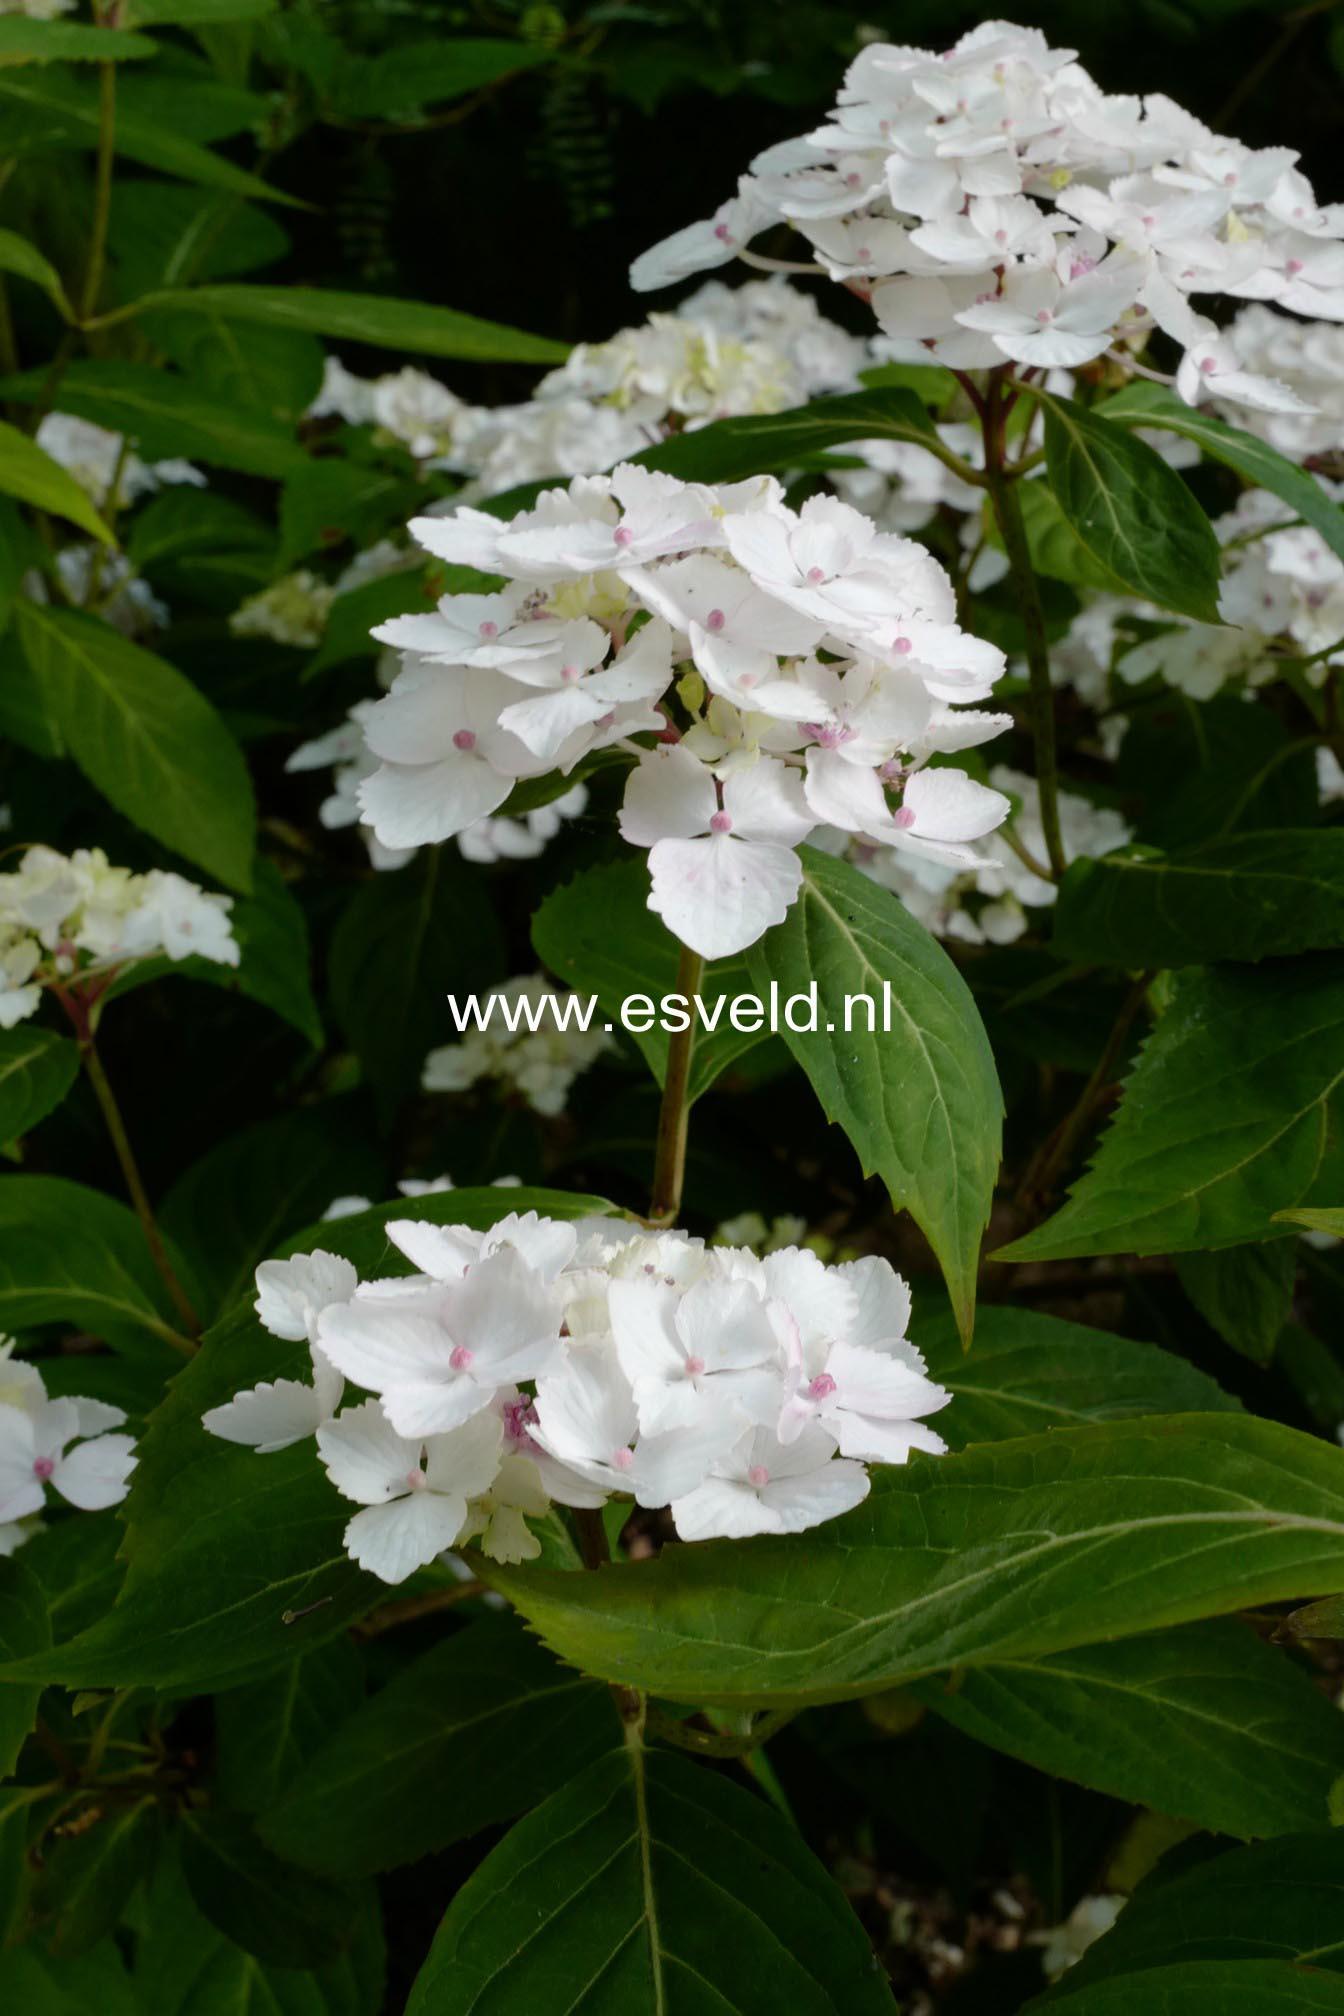 Hydrangea serrata 'Beni-temari'